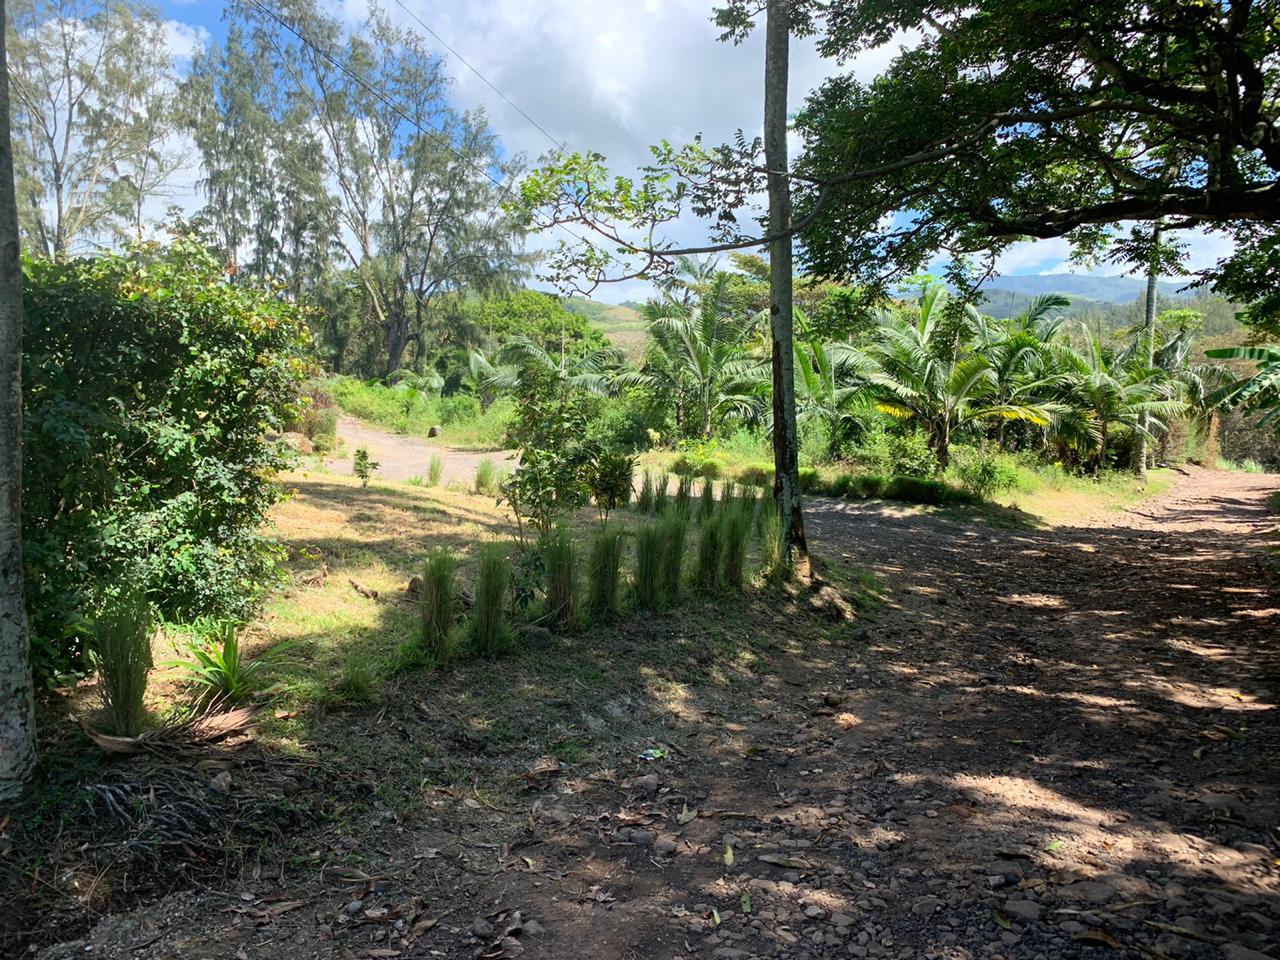 2019-29-11-cm1b-assiette-palmiste (63)